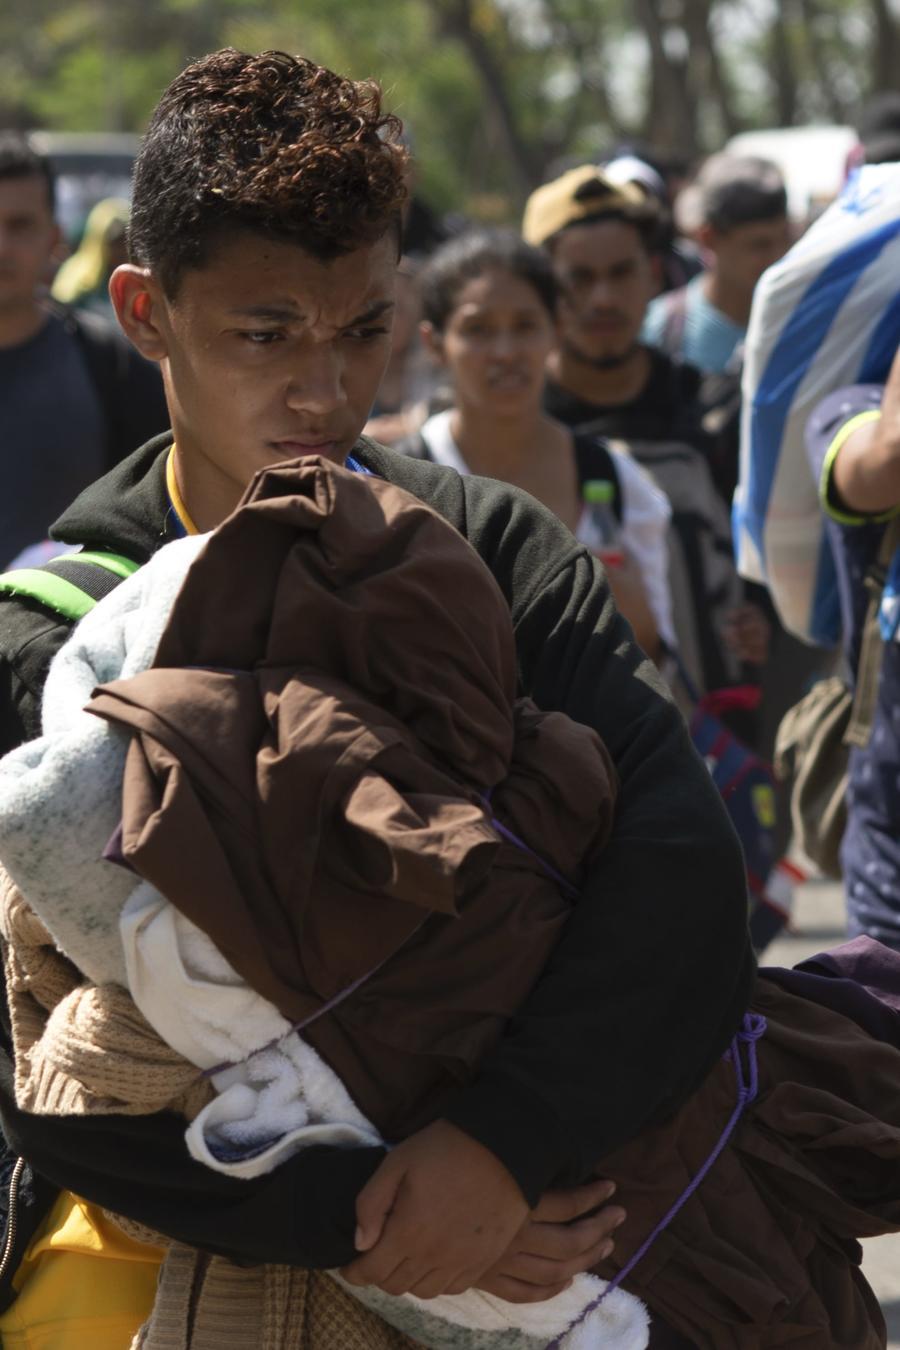 Fotografía de archivo del 28 de marzo de 2019 de una caravana de 2.500 migrantes de Centroamérica y Cuba que caminaban por una carretera en Tapachula (Chiapas)